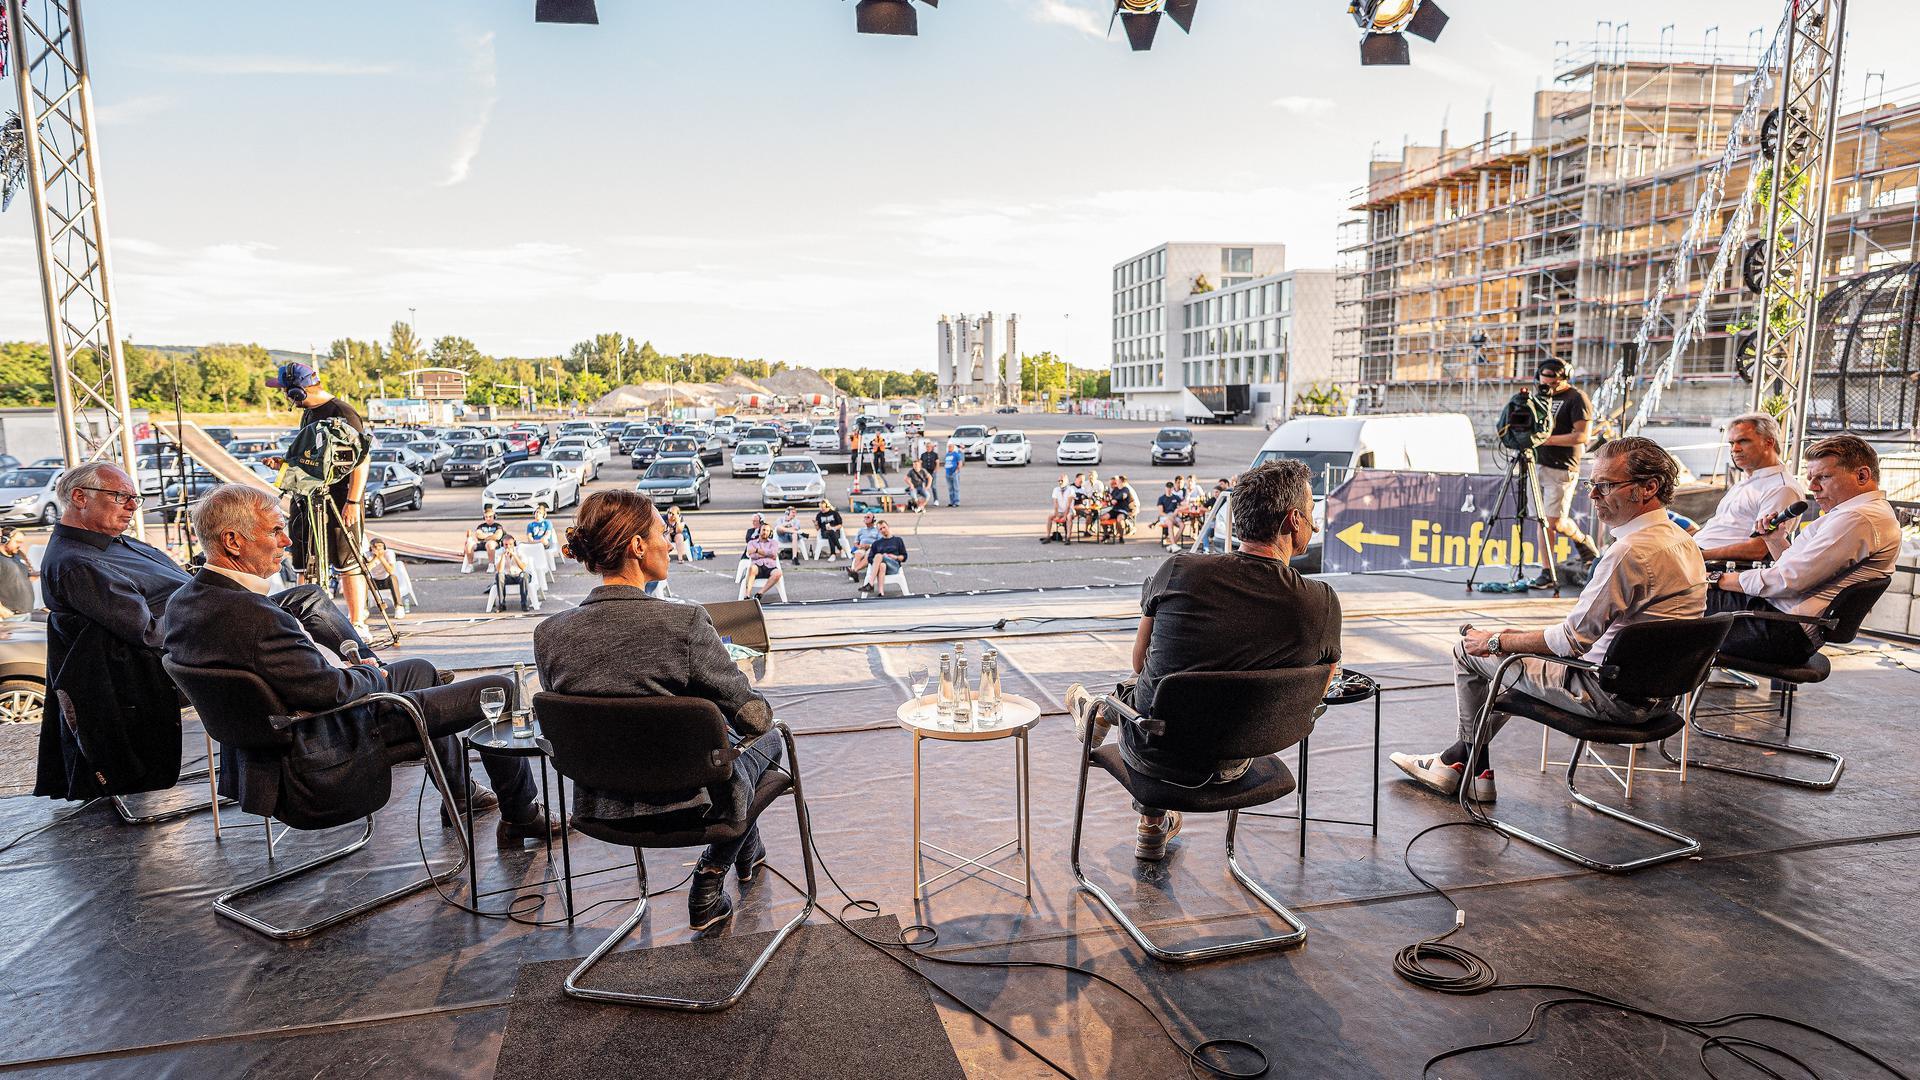 Argumente im Autokino: Kai Gruber, Rolf Dohmen, Dorothée Augustin, Moderator Bernd Gnann, Holger Siegmund-Schultze, Axel Kahn und Martin Müller (von links).